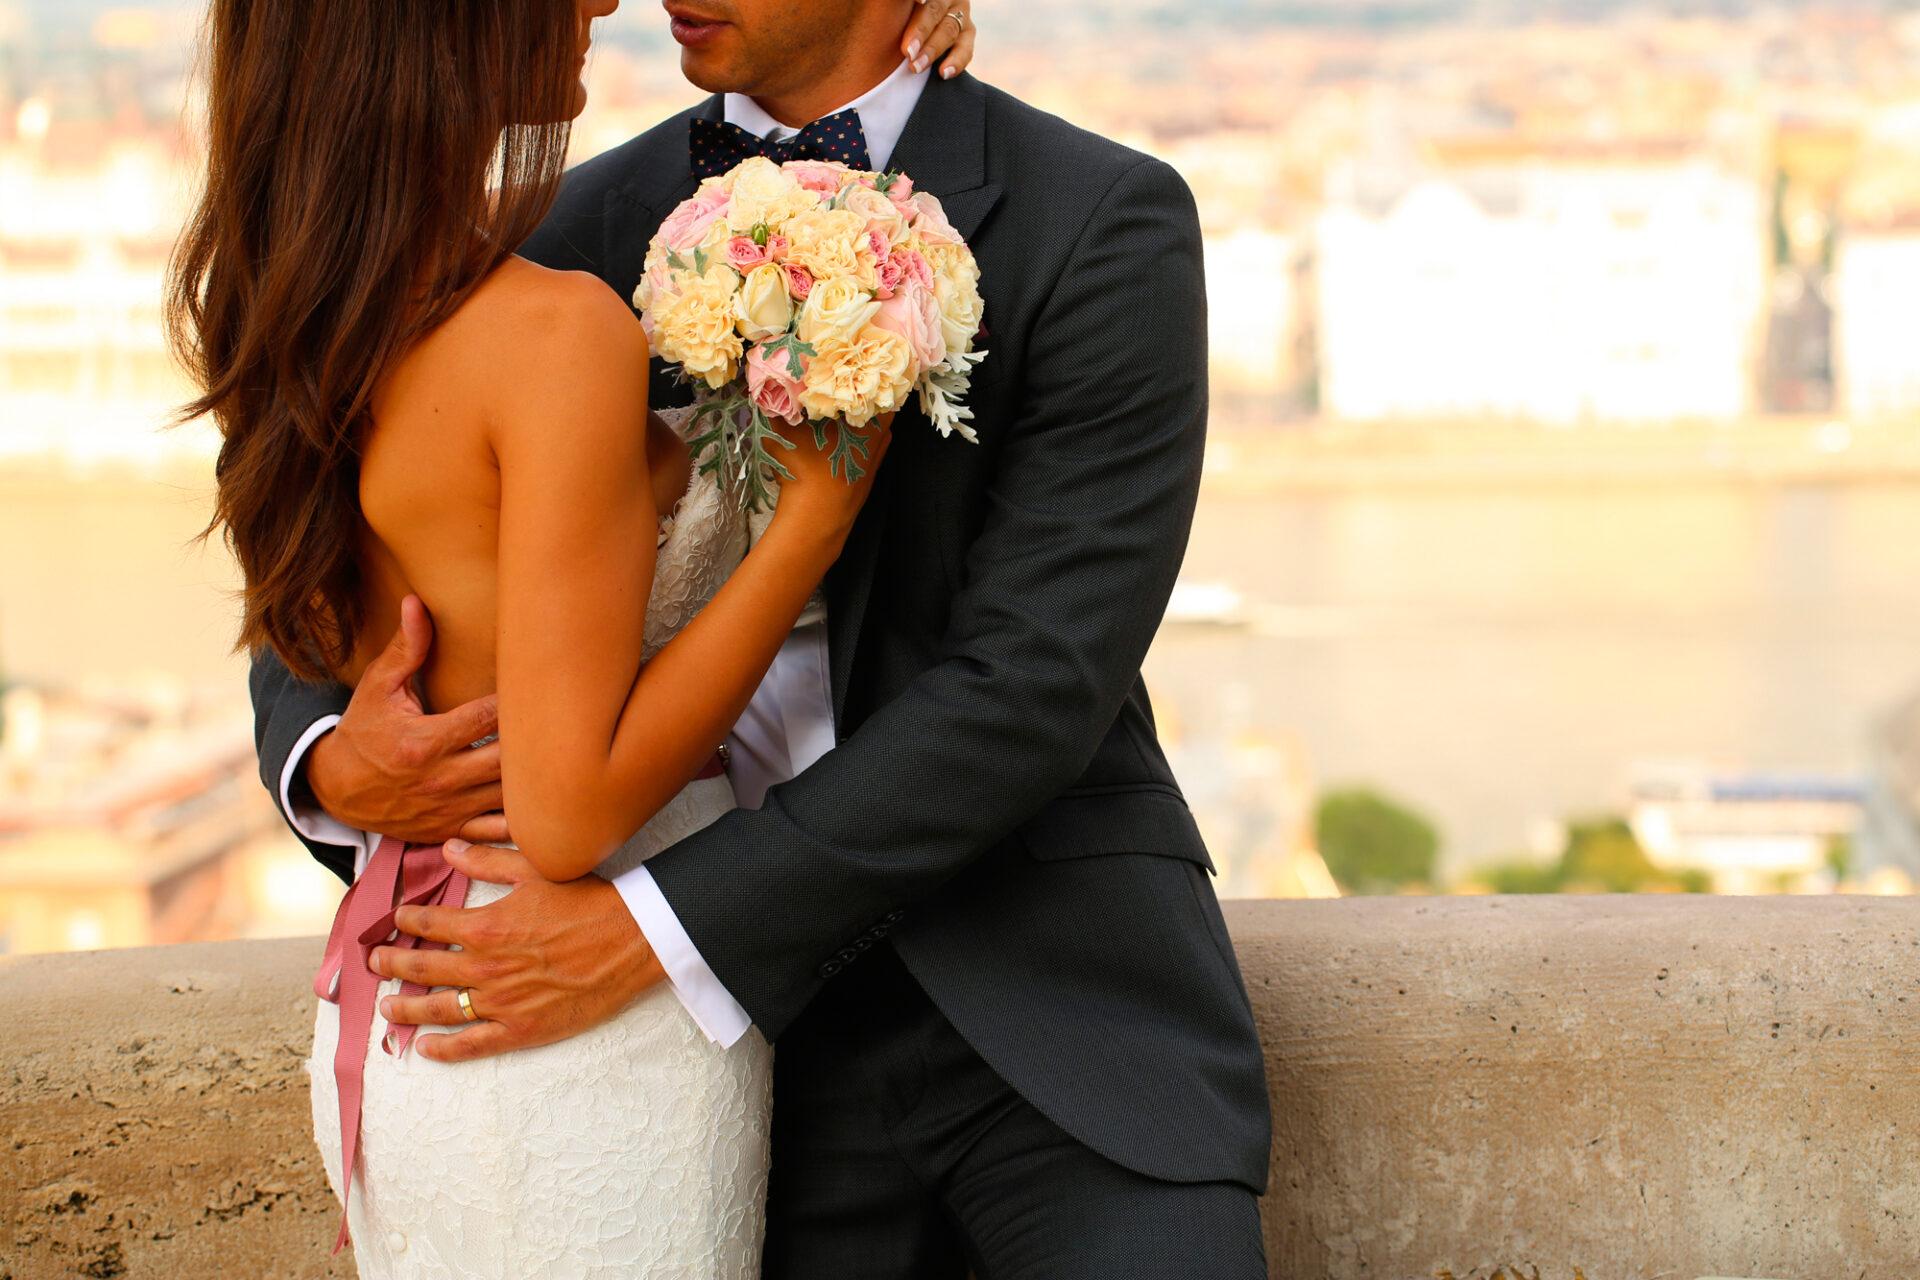 esküvőszervezés, menyasszonyi torta, esküvői torta, catering, esküvői vacsora